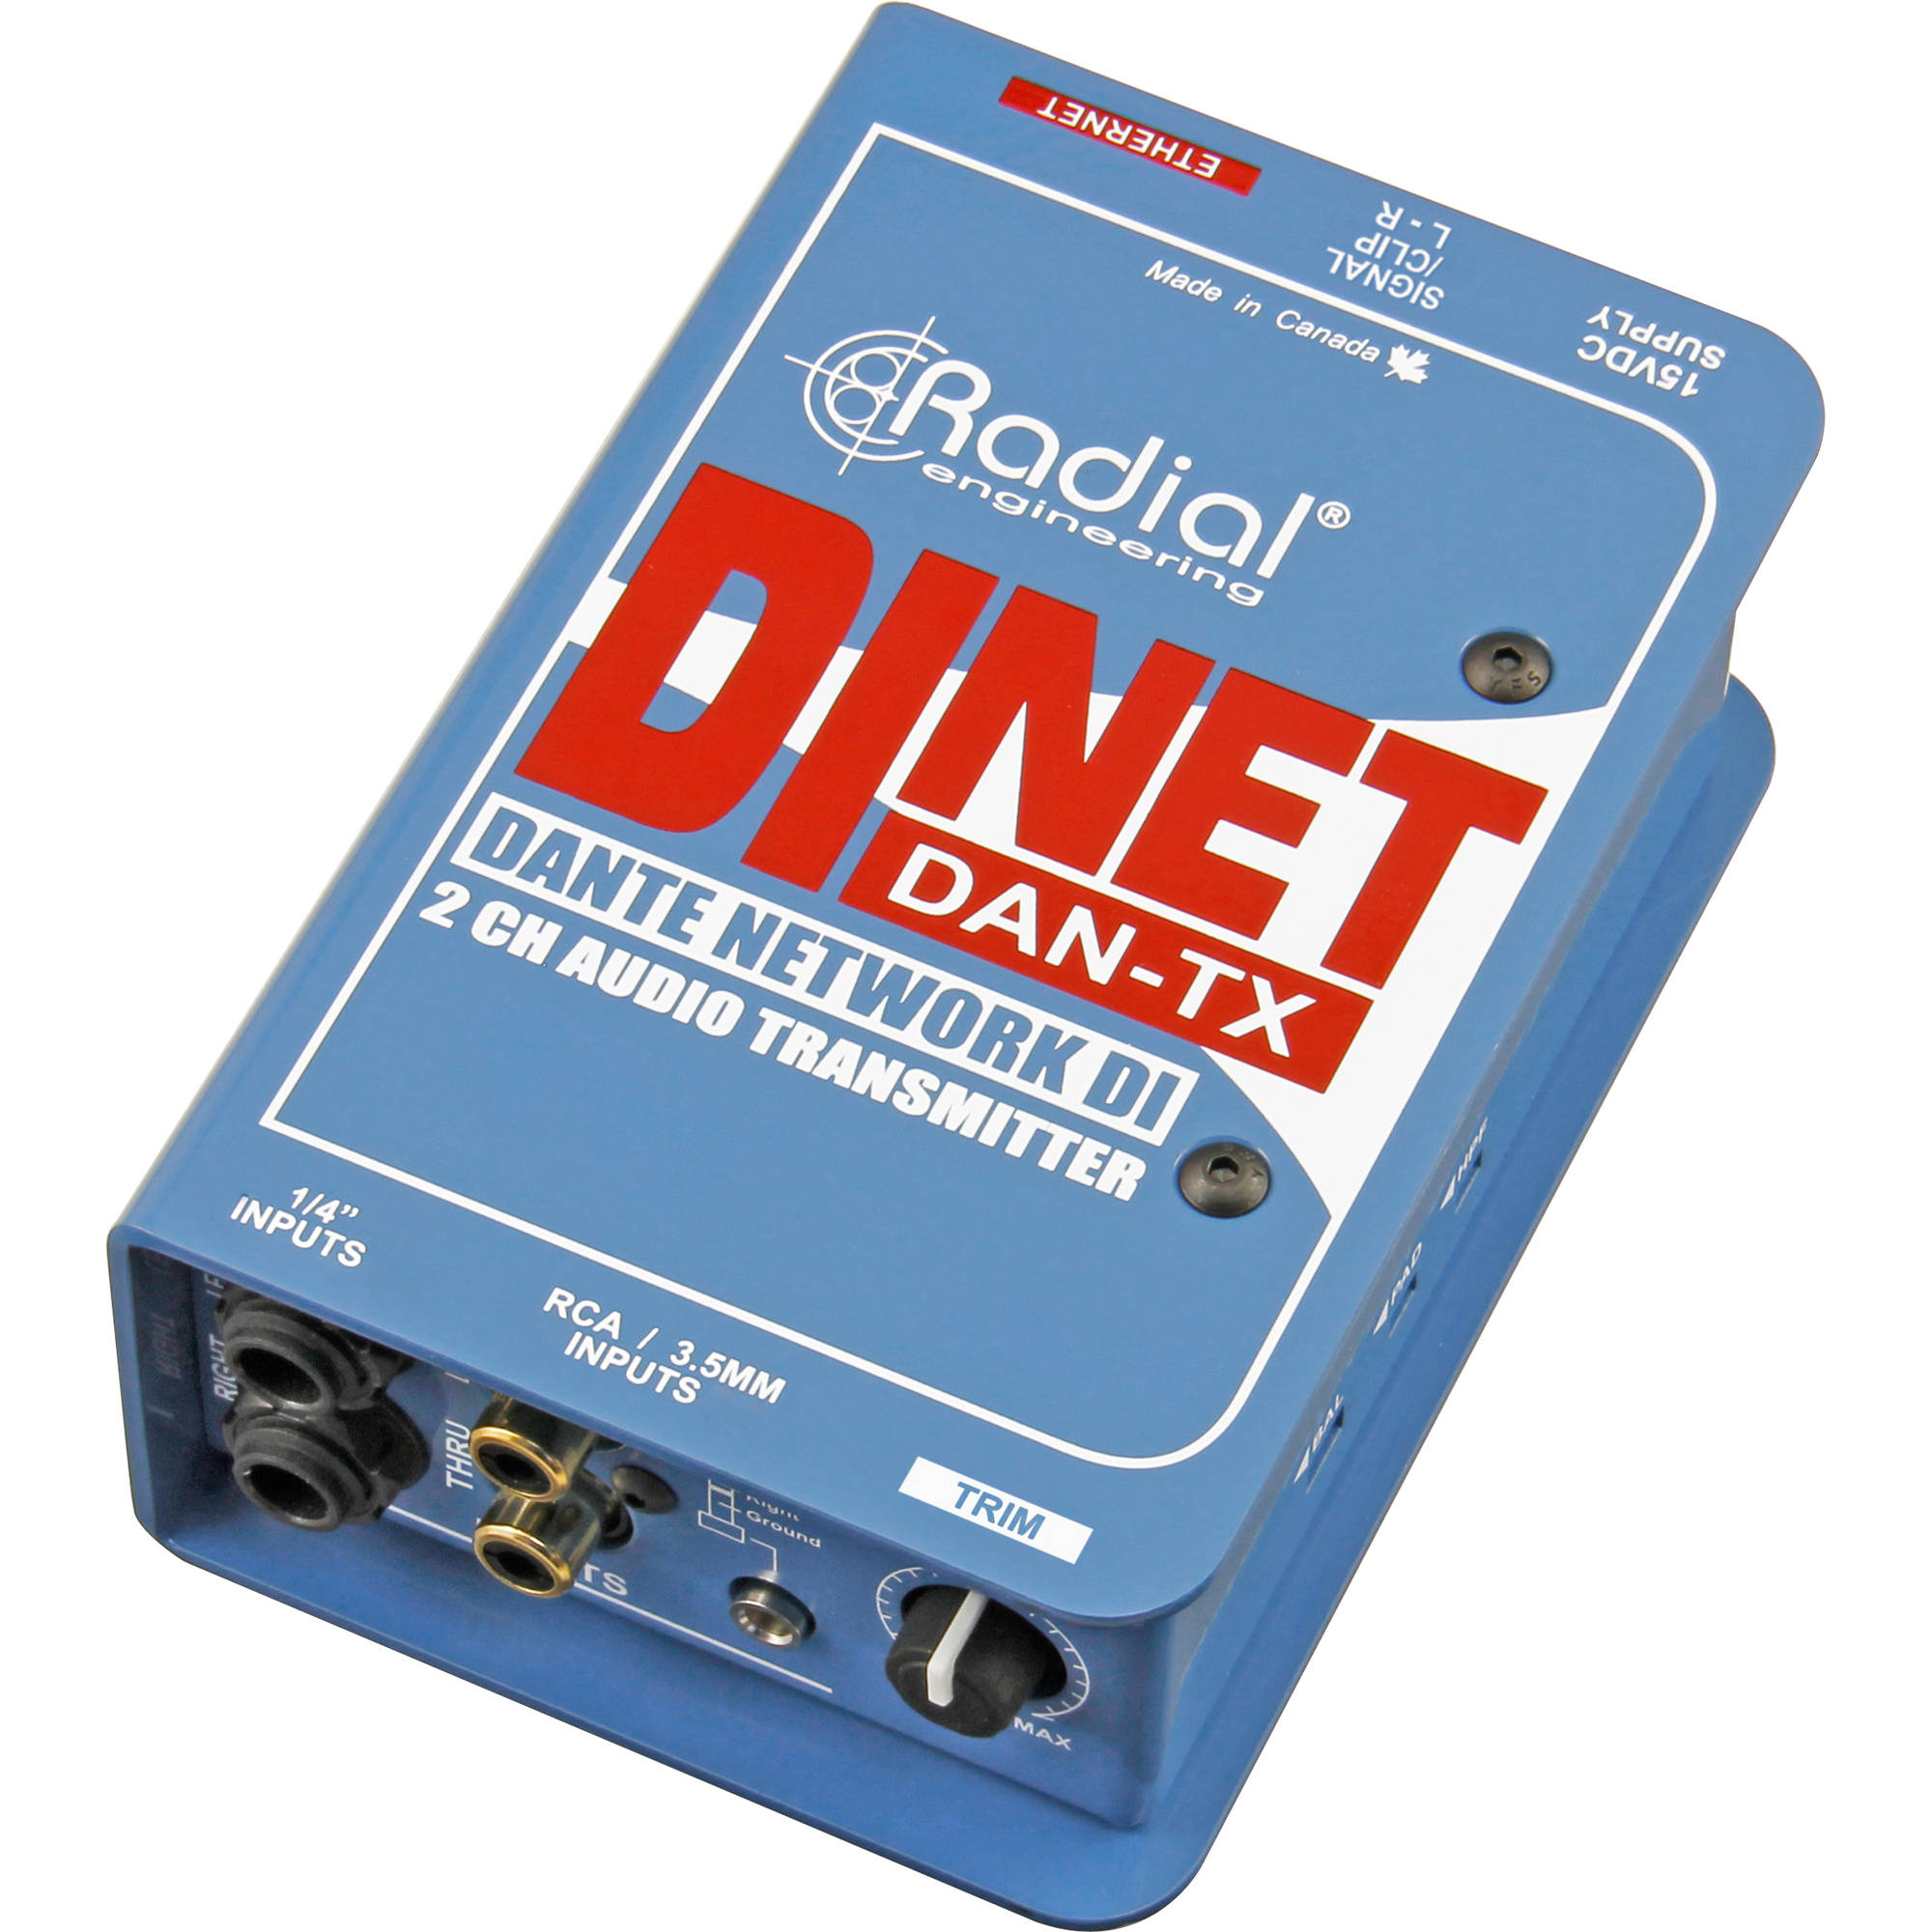 Radial Engineering DiNET DAN-TX Dante-Enabled Stereo R800 1062